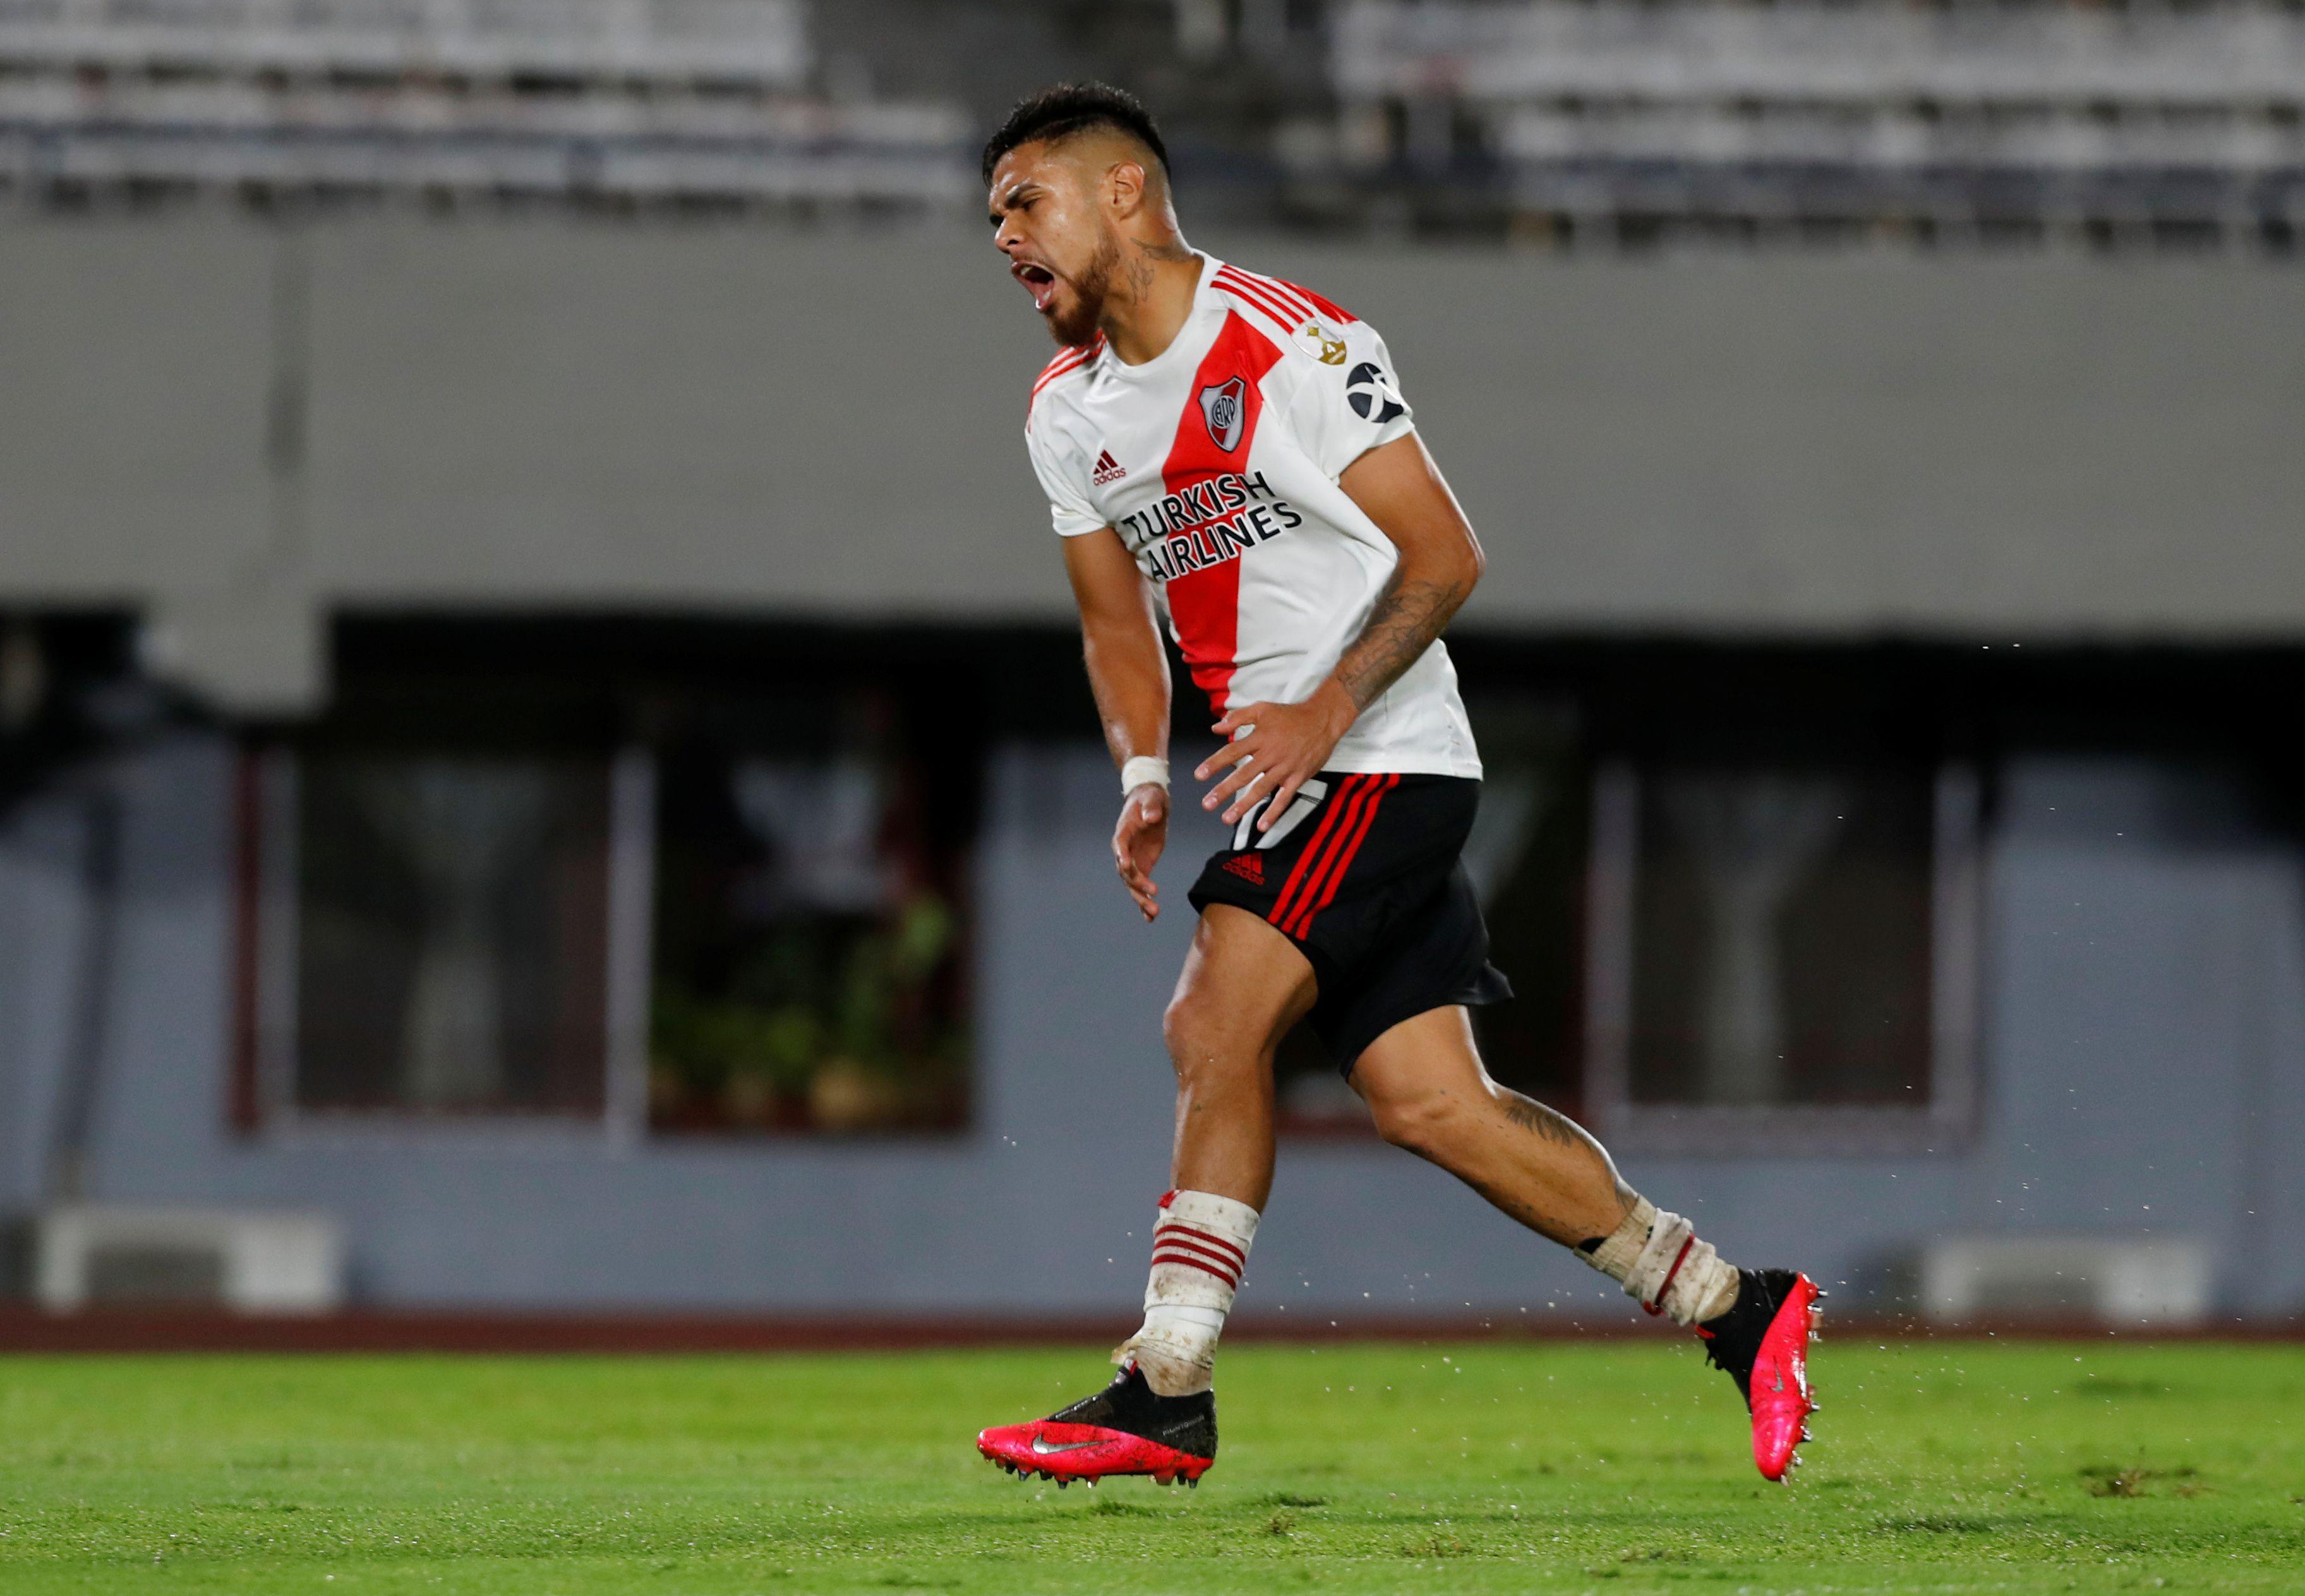 El chileno Paulo Díaz será titular ante el conjunto ecuatoriano (REUTERS/Agustin Marcarian)